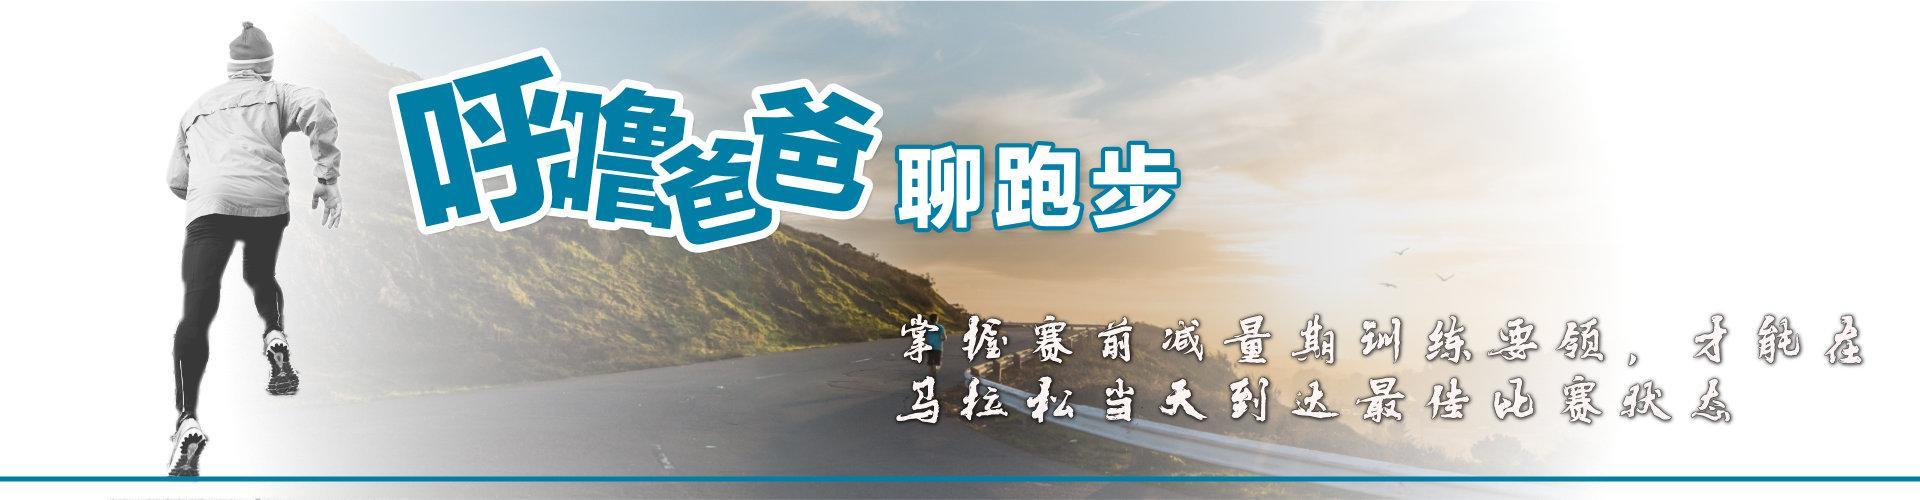 新澳门萄京娱乐场官网 4